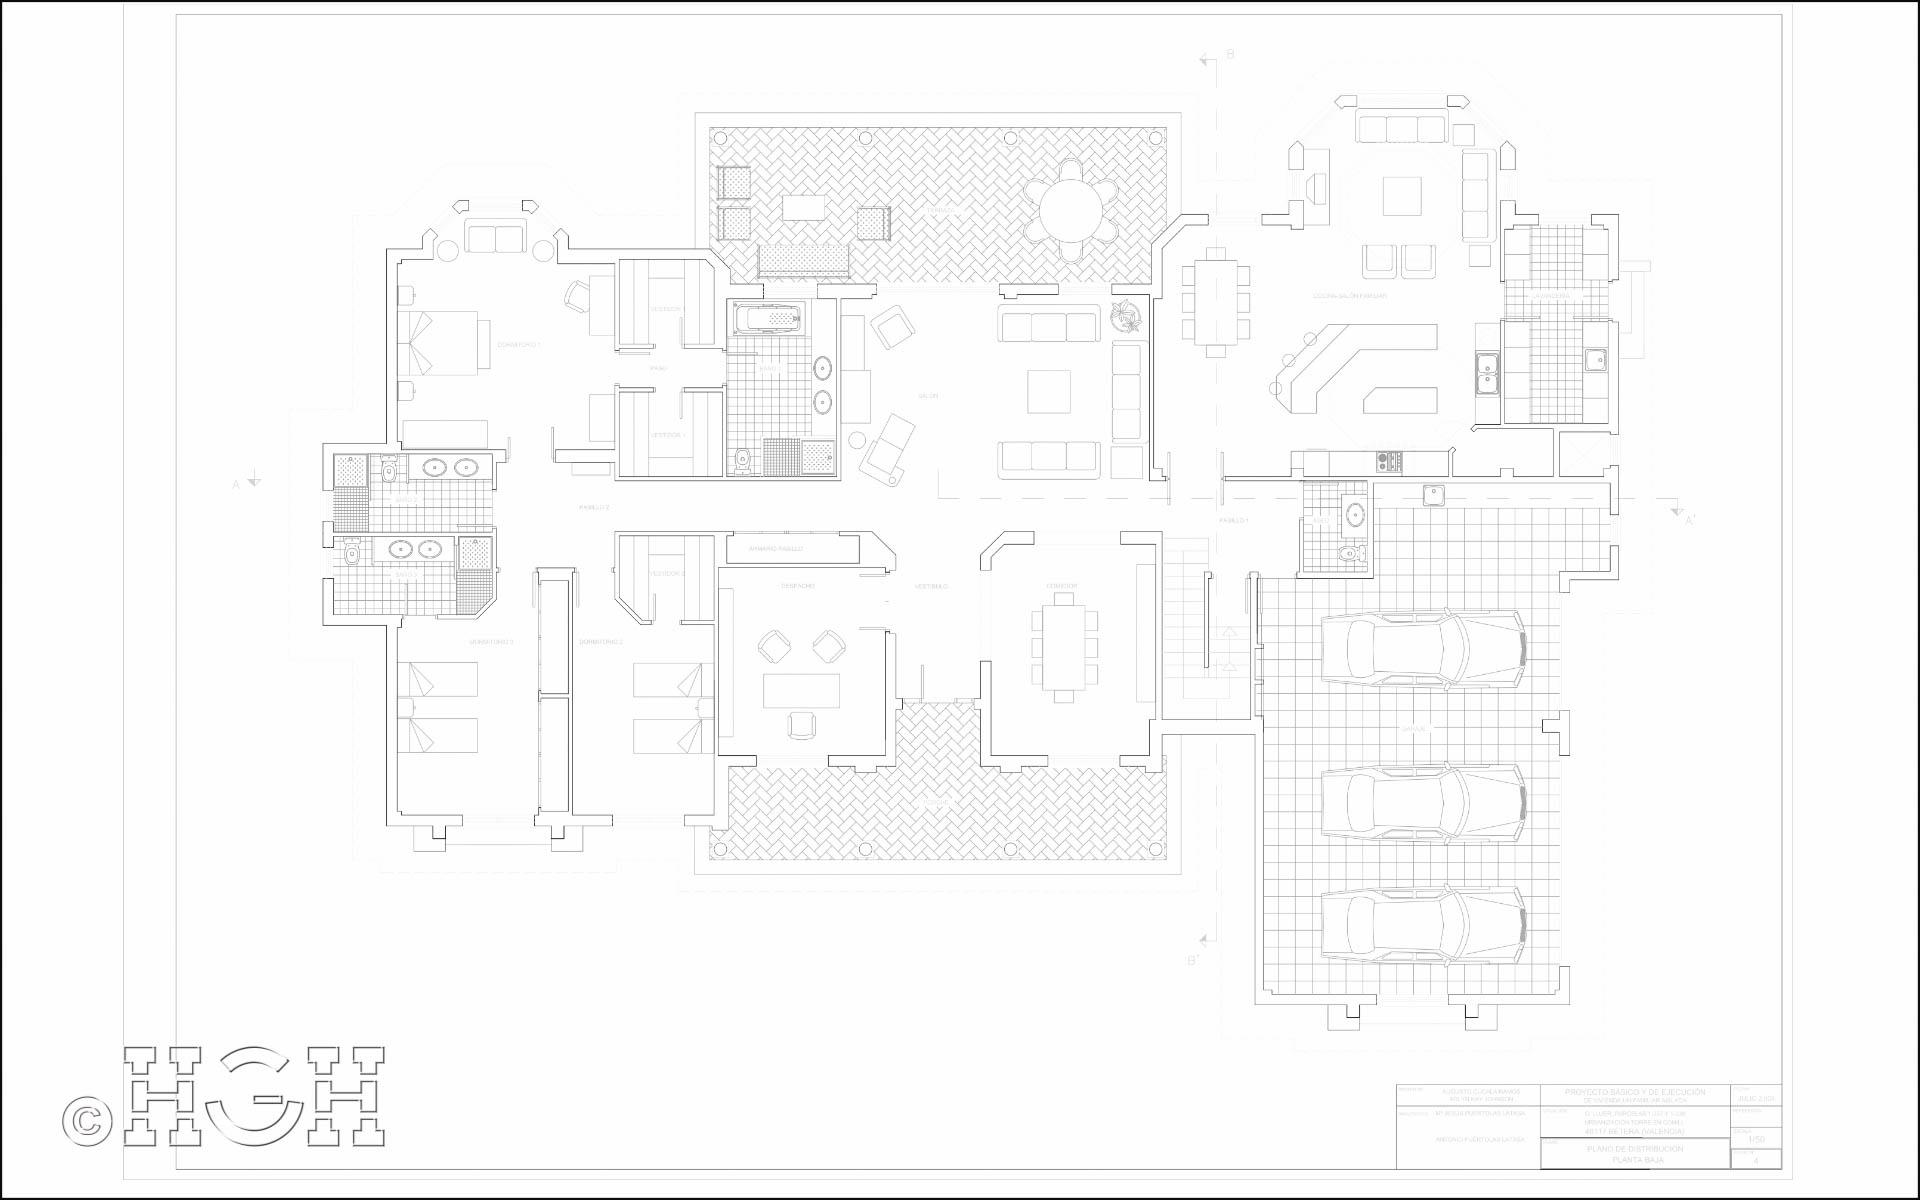 Plano de planta baja de vivienda unifamiliar aislada Urbanización Torre en Conill, Betera Valencia. Proyecto realizado por Global Home Happiness.